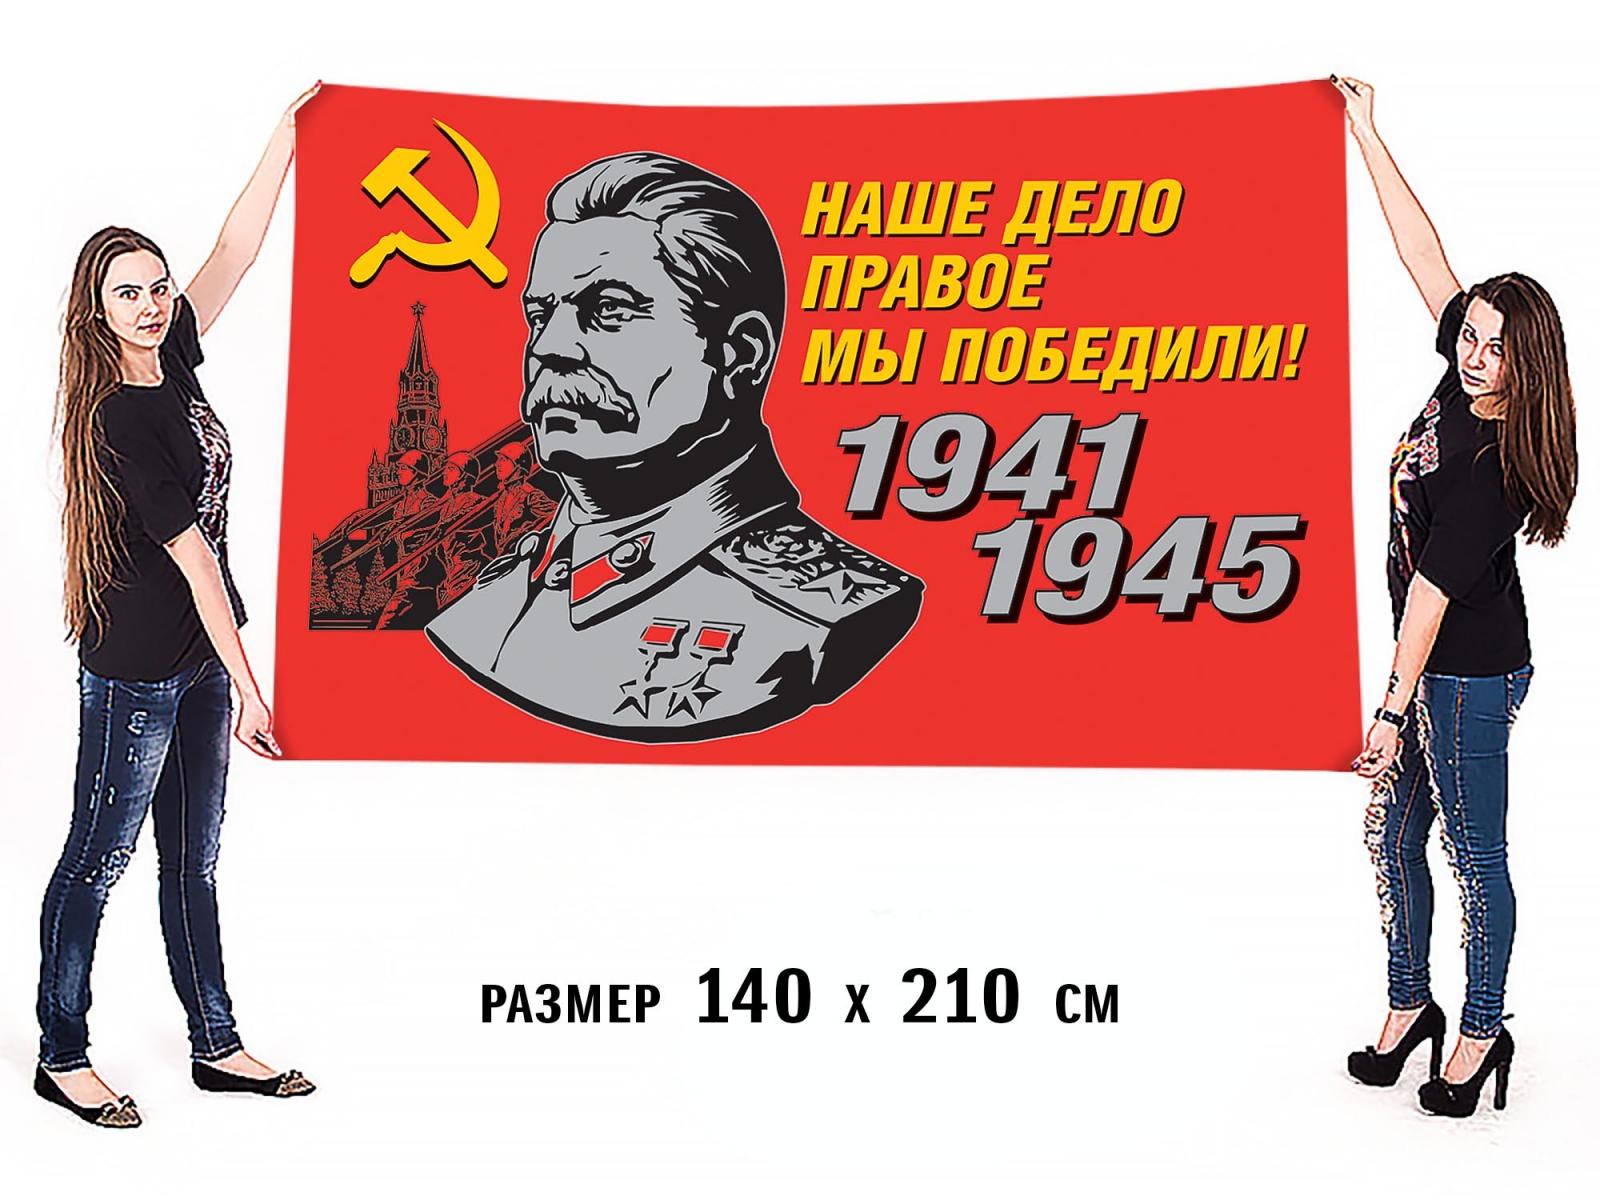 Флаг со Сталиным для шествий на 75 лет Победы «Наше дело правое!»